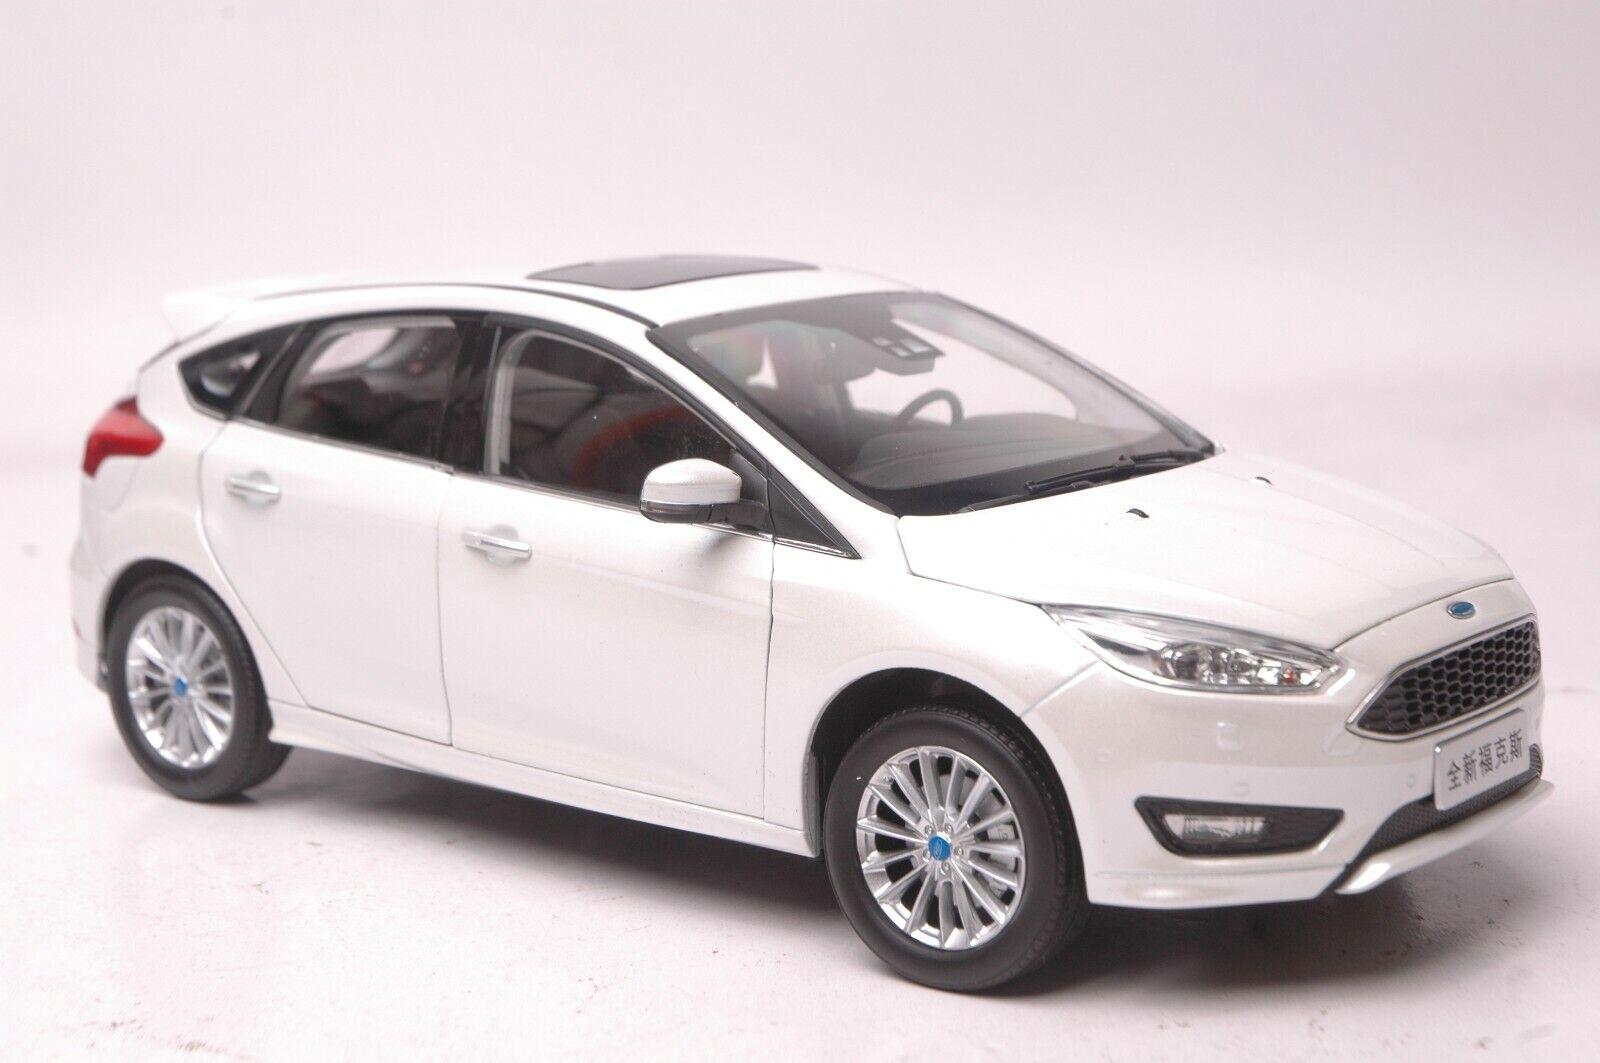 Ford Focus 2015 coche modelo en escala 1 18 blancoo